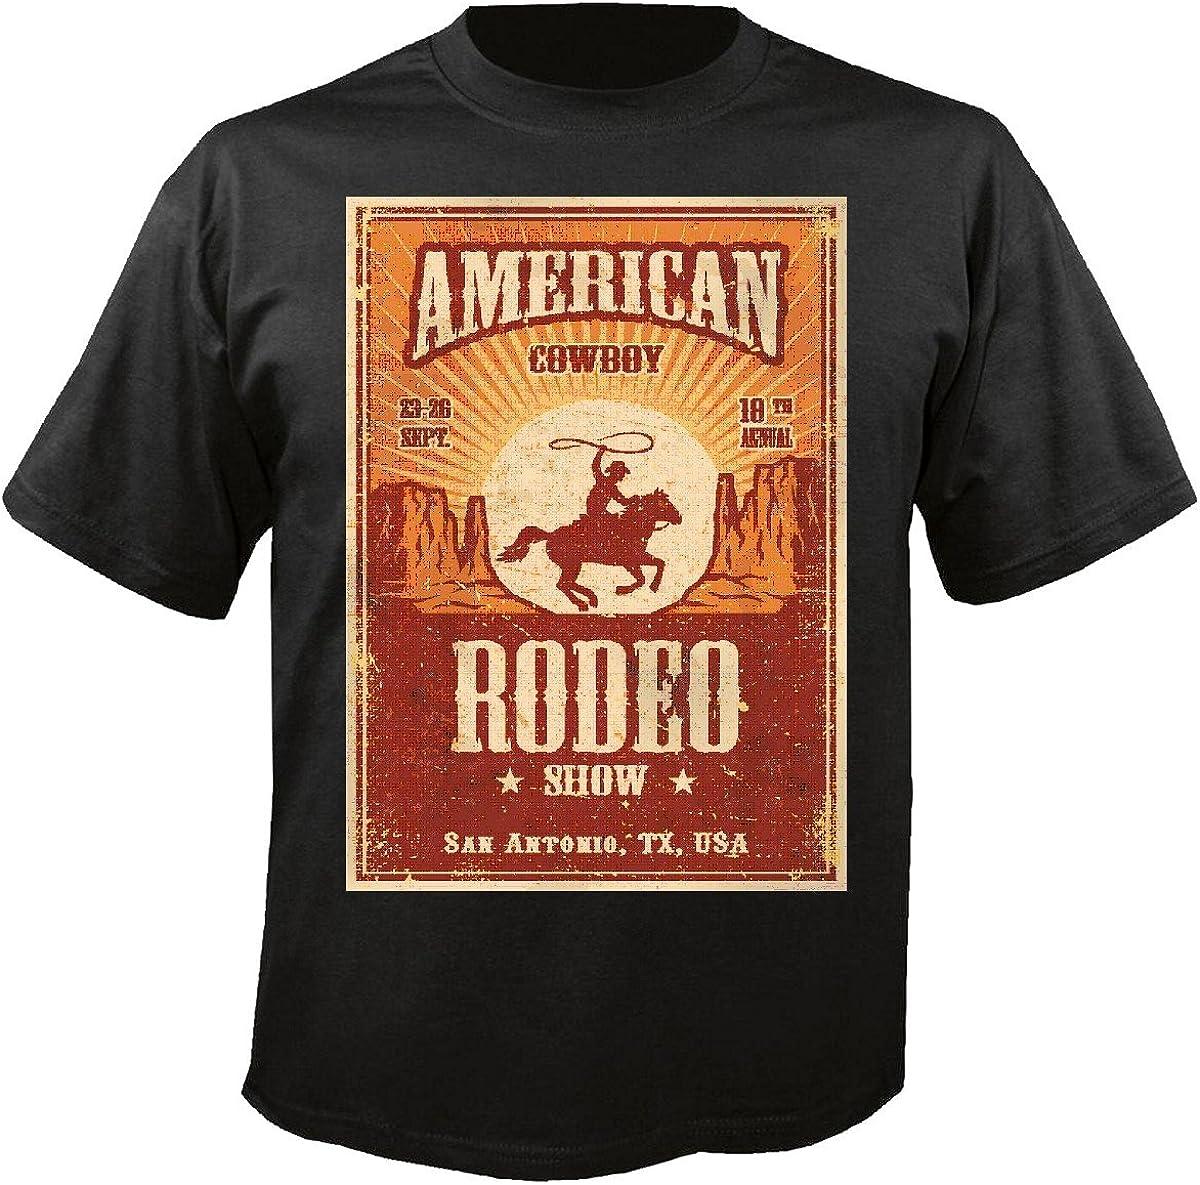 T-Shirt Camiseta Remera Cowboy de Rodeo EQUITACIÓN Concurso Ecuestre Jinete del Caballo del Dressage Cabeza del Vaquero Riding Rodeo Salto del Caballo Semental del Potro in Negro: Amazon.es: Ropa y accesorios